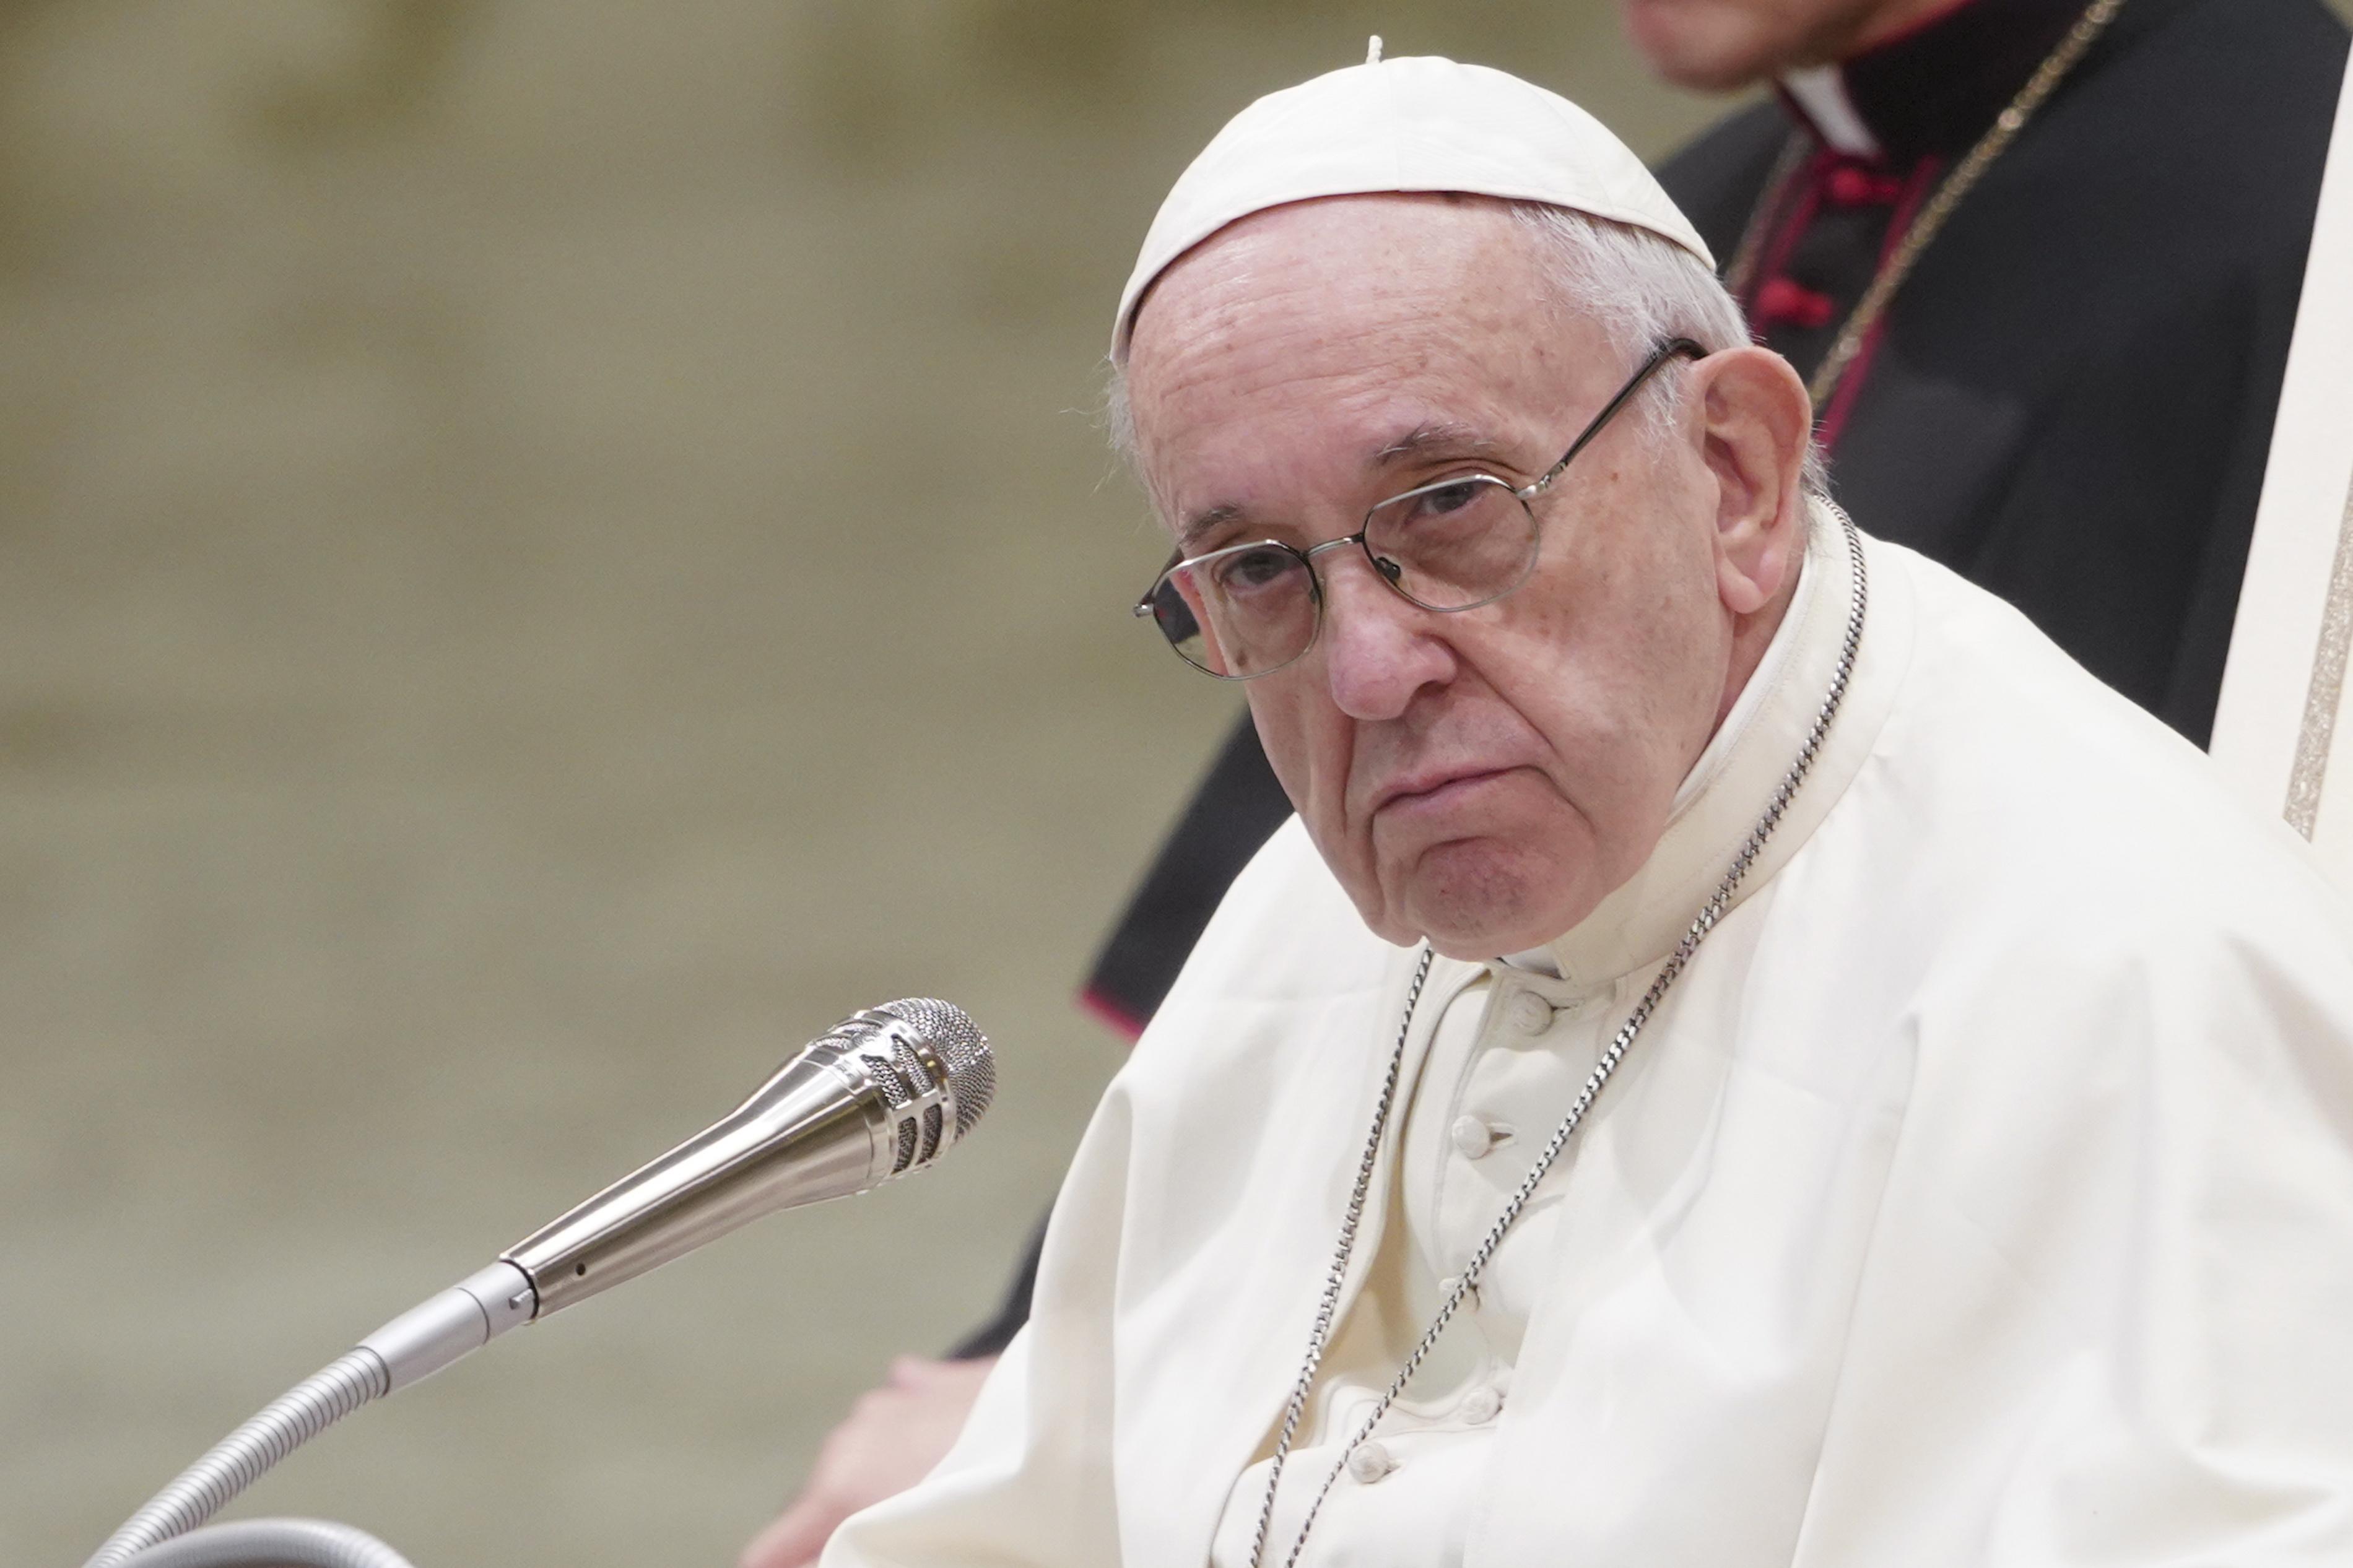 sumo pontifice para adelgazar